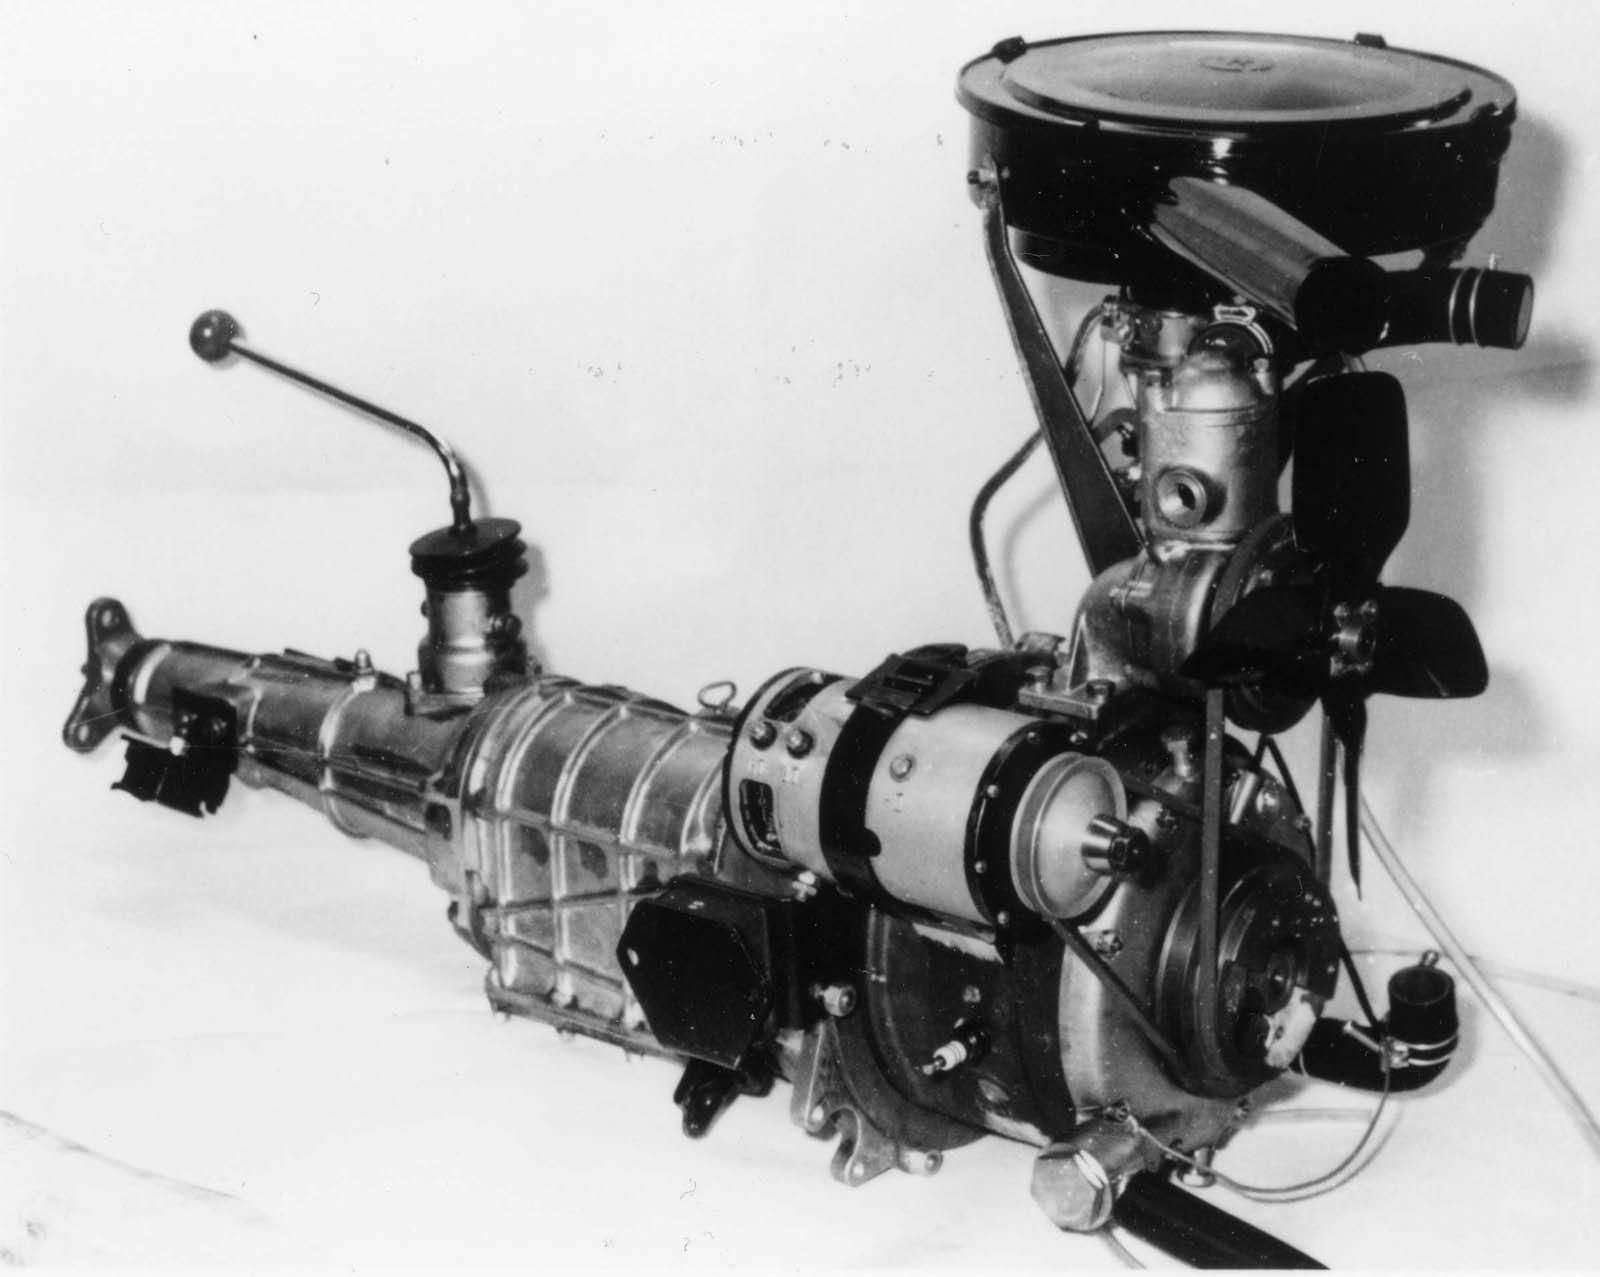 Mazda-50-years-of-rotary-p09_02